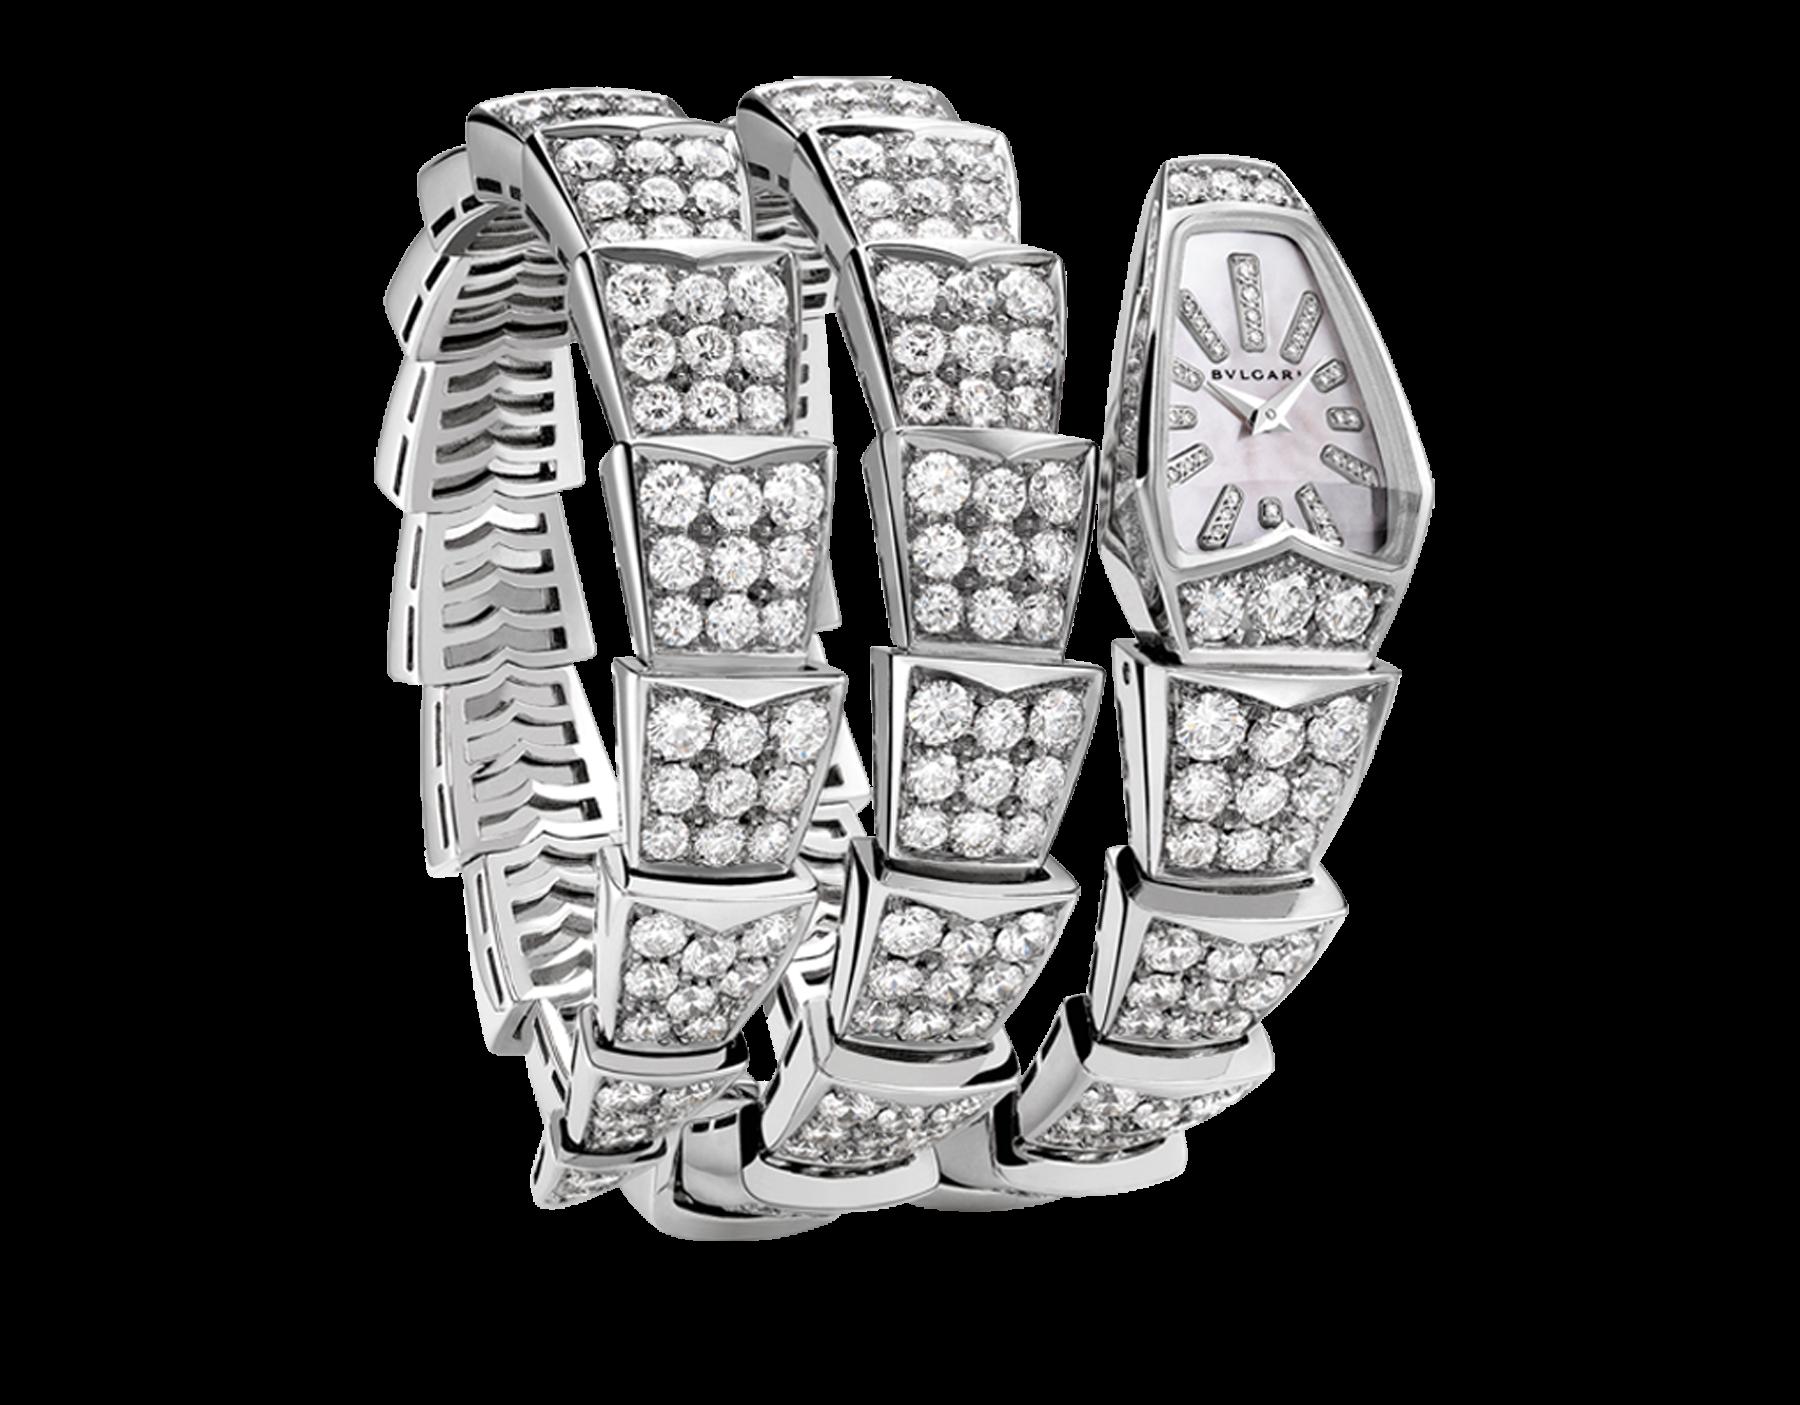 792609e4646 Relógios de luxo Bulgari